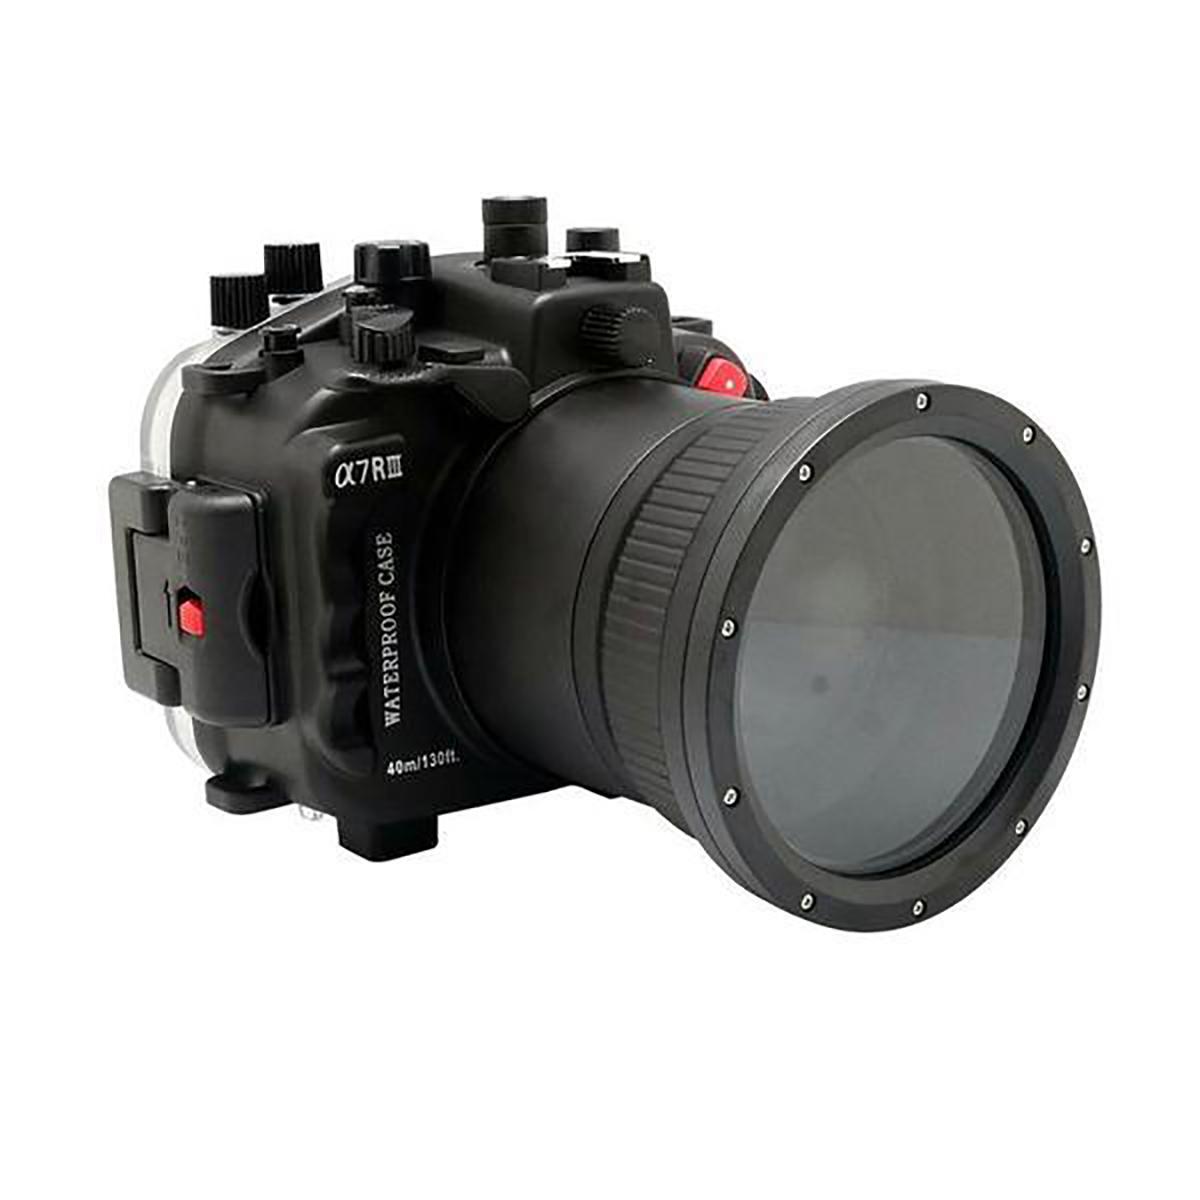 MEIKON podvodní pouzdro pro Sony Alpha A7 MarkIII/RIII + 28-70 mm